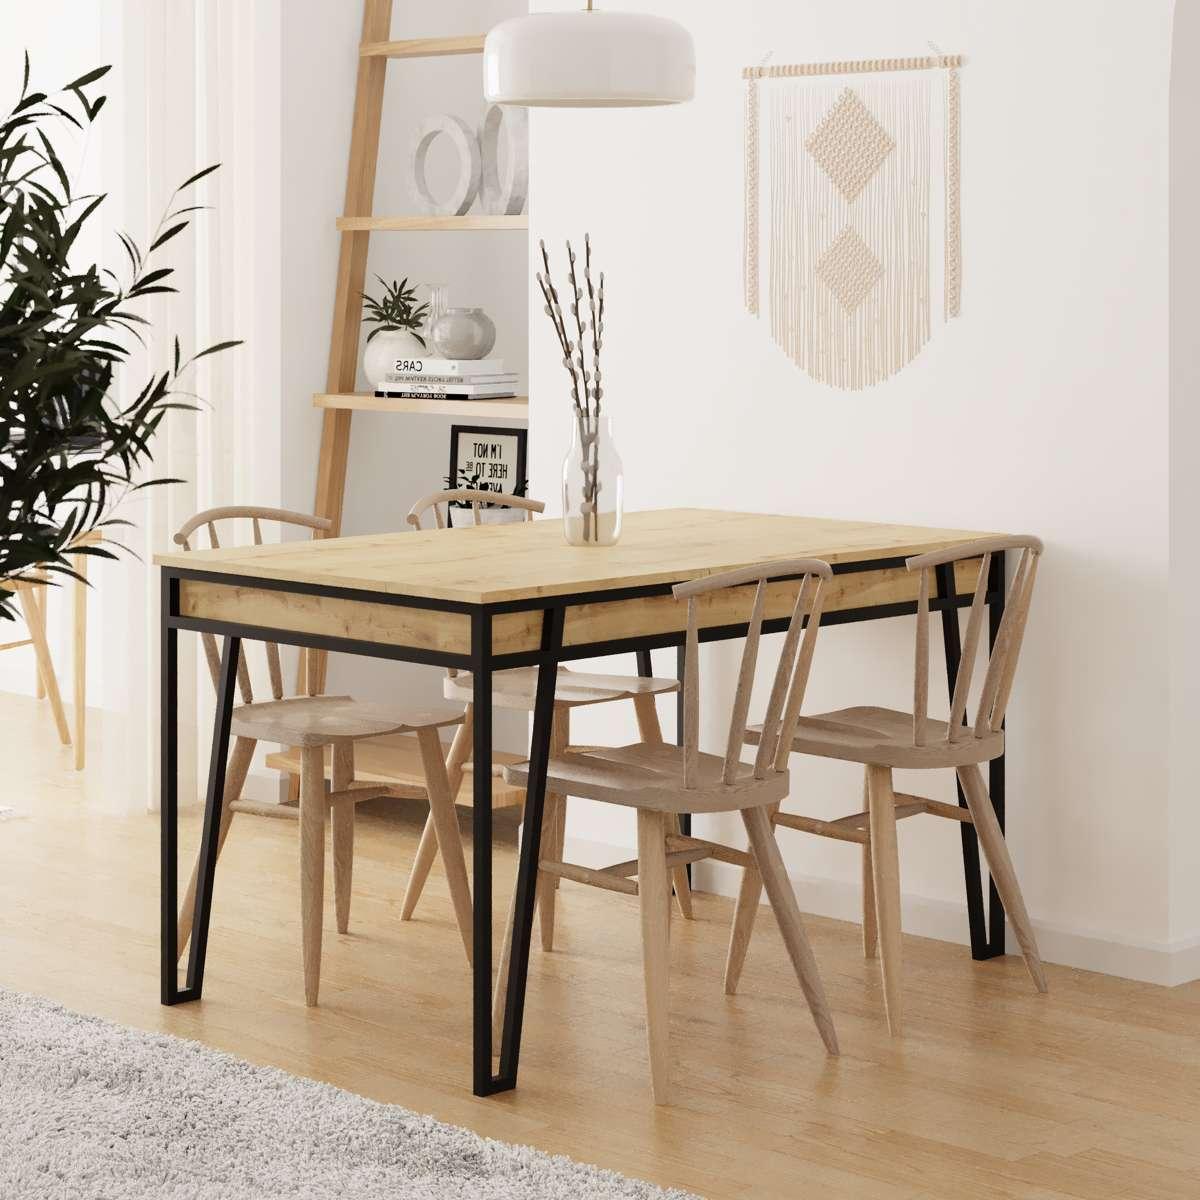 שולחן אוכל דגם Pal Dining Table אלון מסדרת Decoline